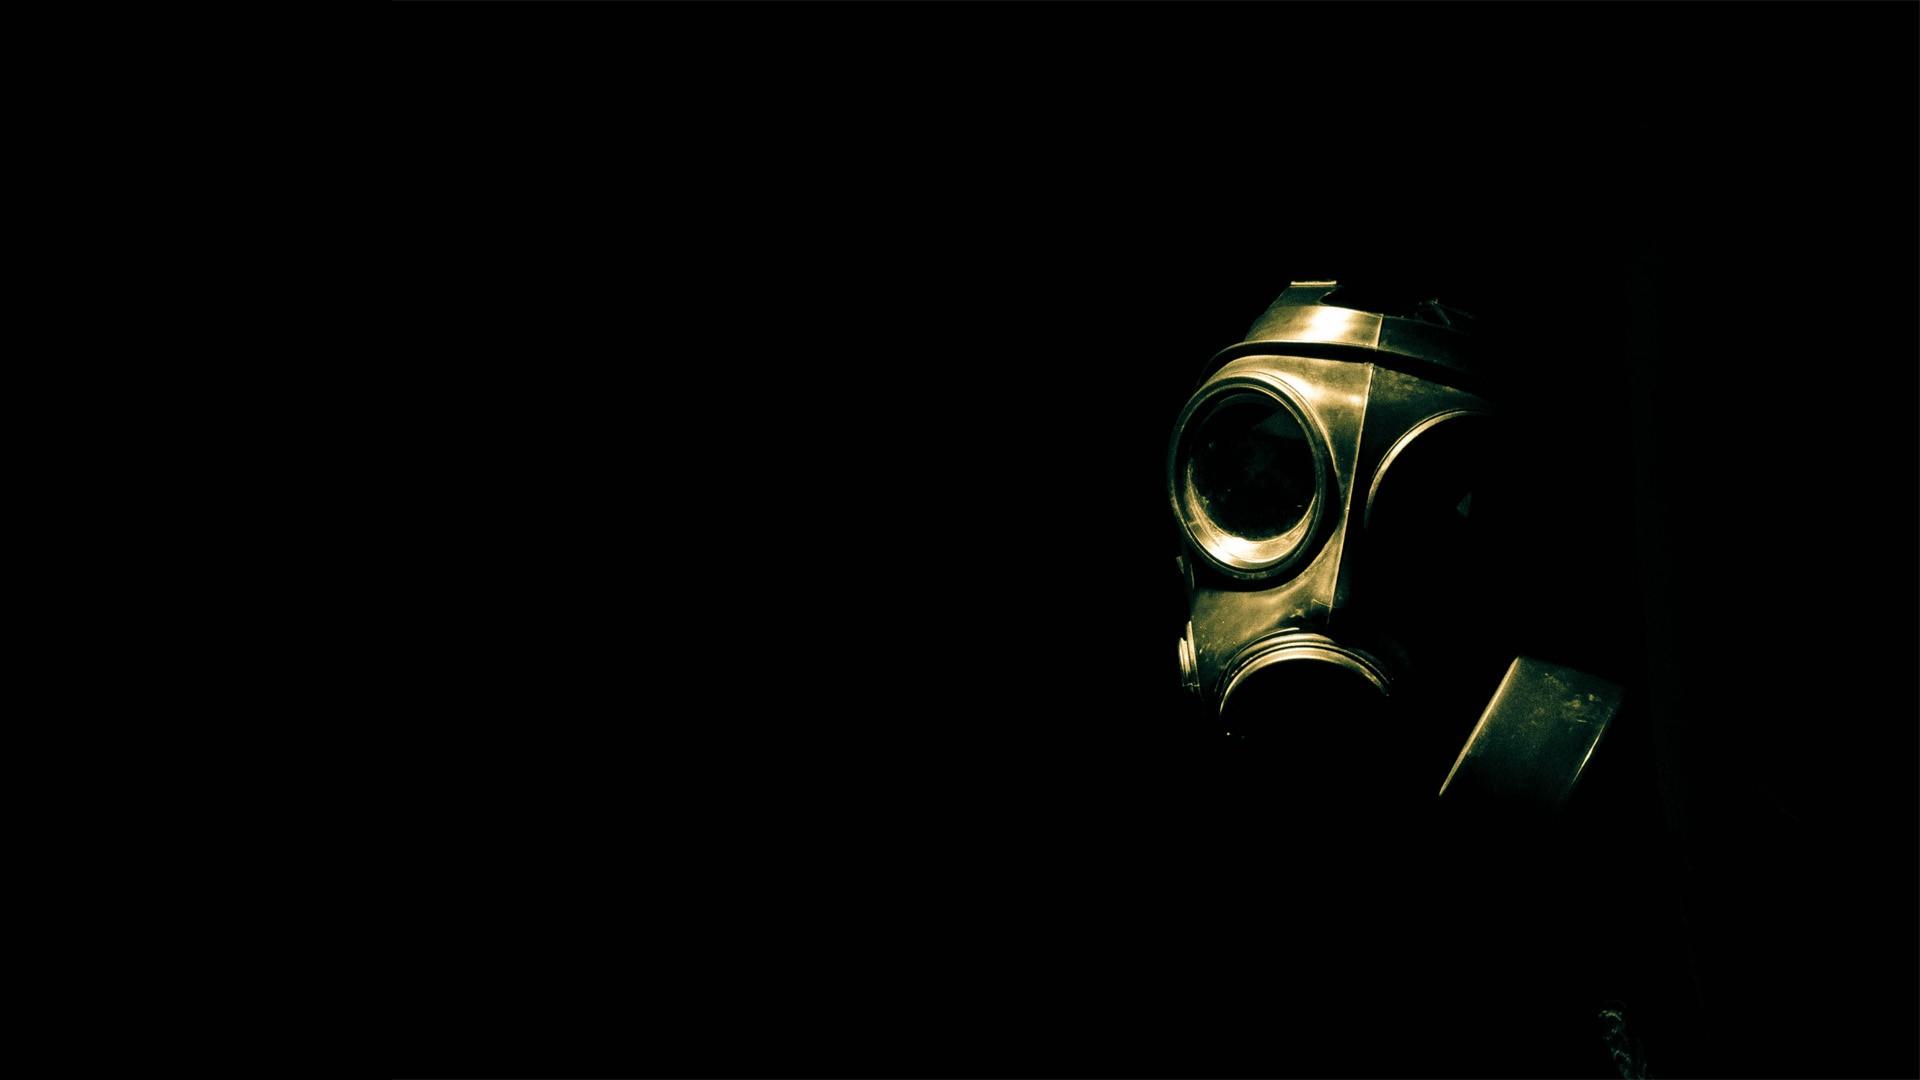 48 Gas Mask Wallpaper On Wallpapersafari